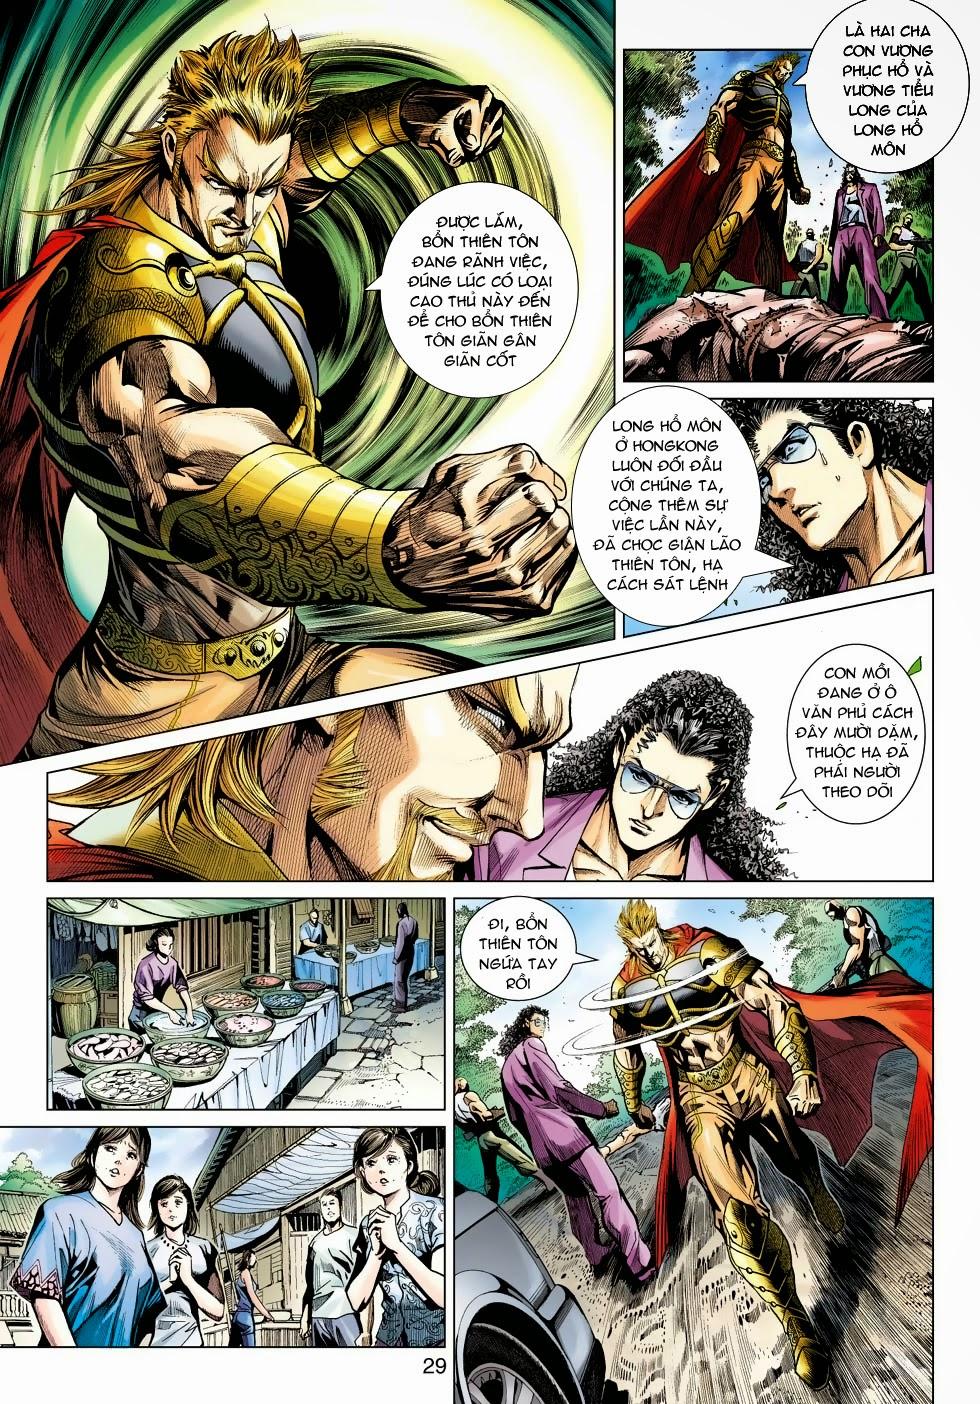 Tân Tác Long Hổ Môn chap 488 - Trang 28